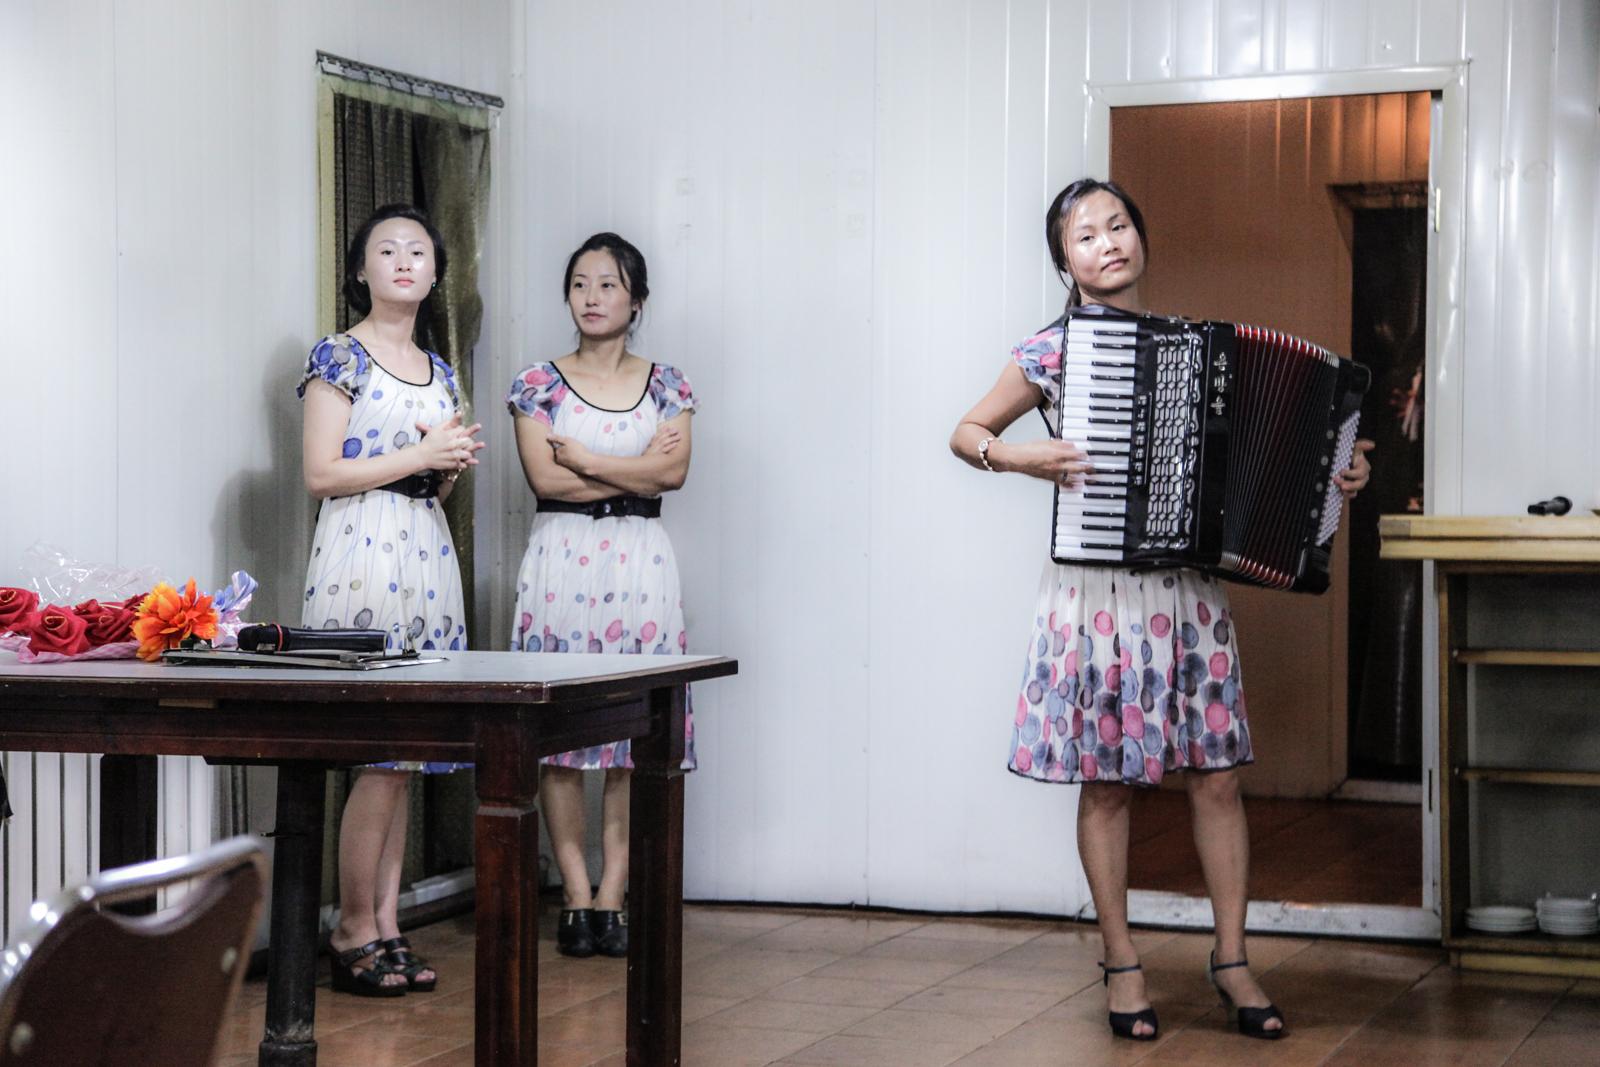 Restaurant musicians in Wonson.